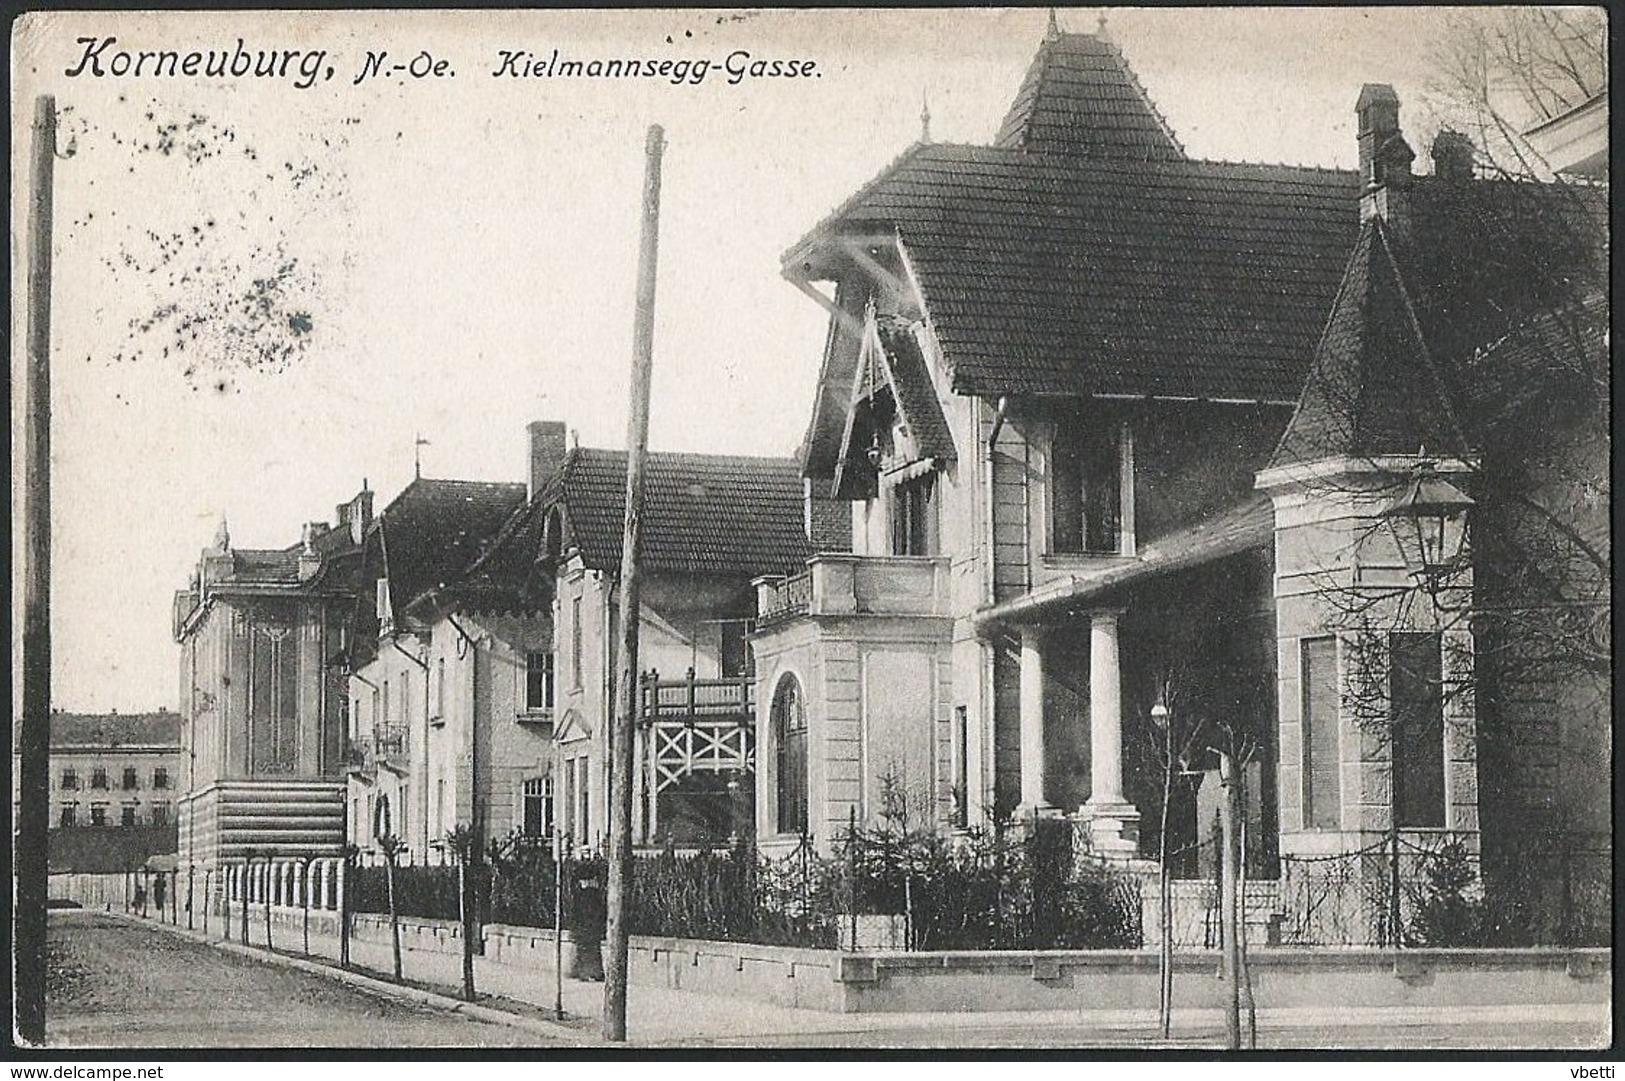 Österreich / Austria: Korneuburg, Kielmannsegg-Gasse 1914 - Korneuburg